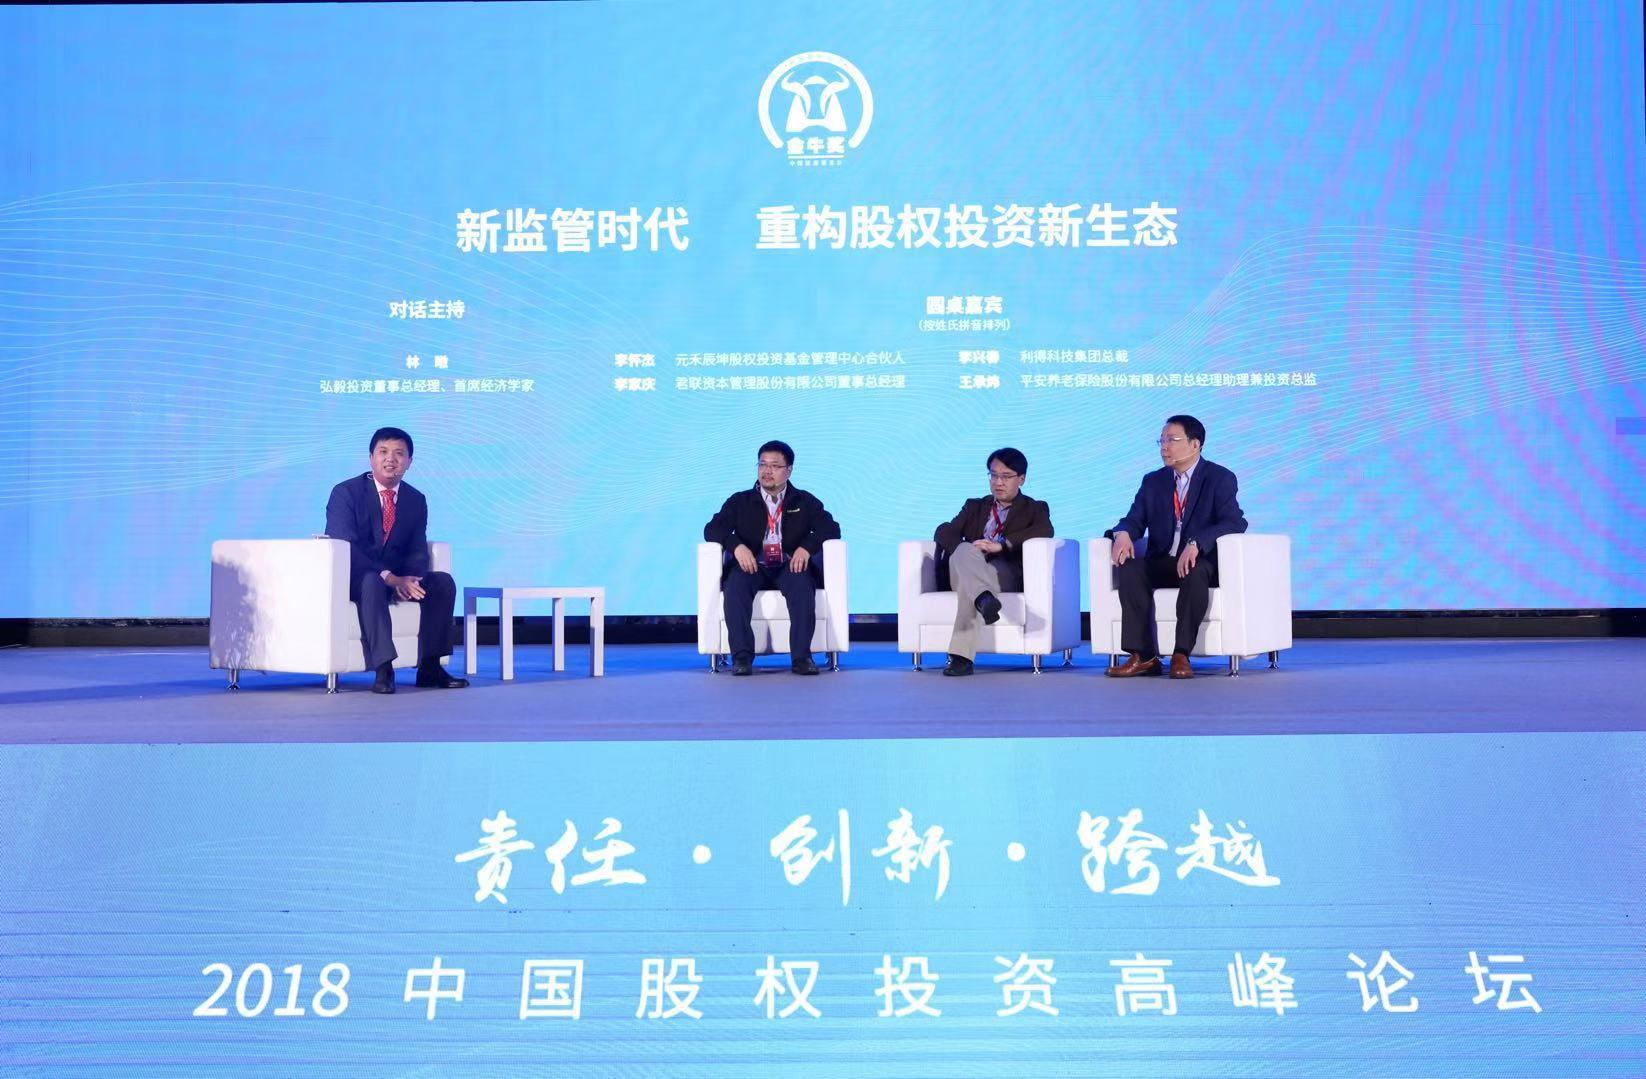 圆桌对话一:新监管时代 重构股权投资新生态